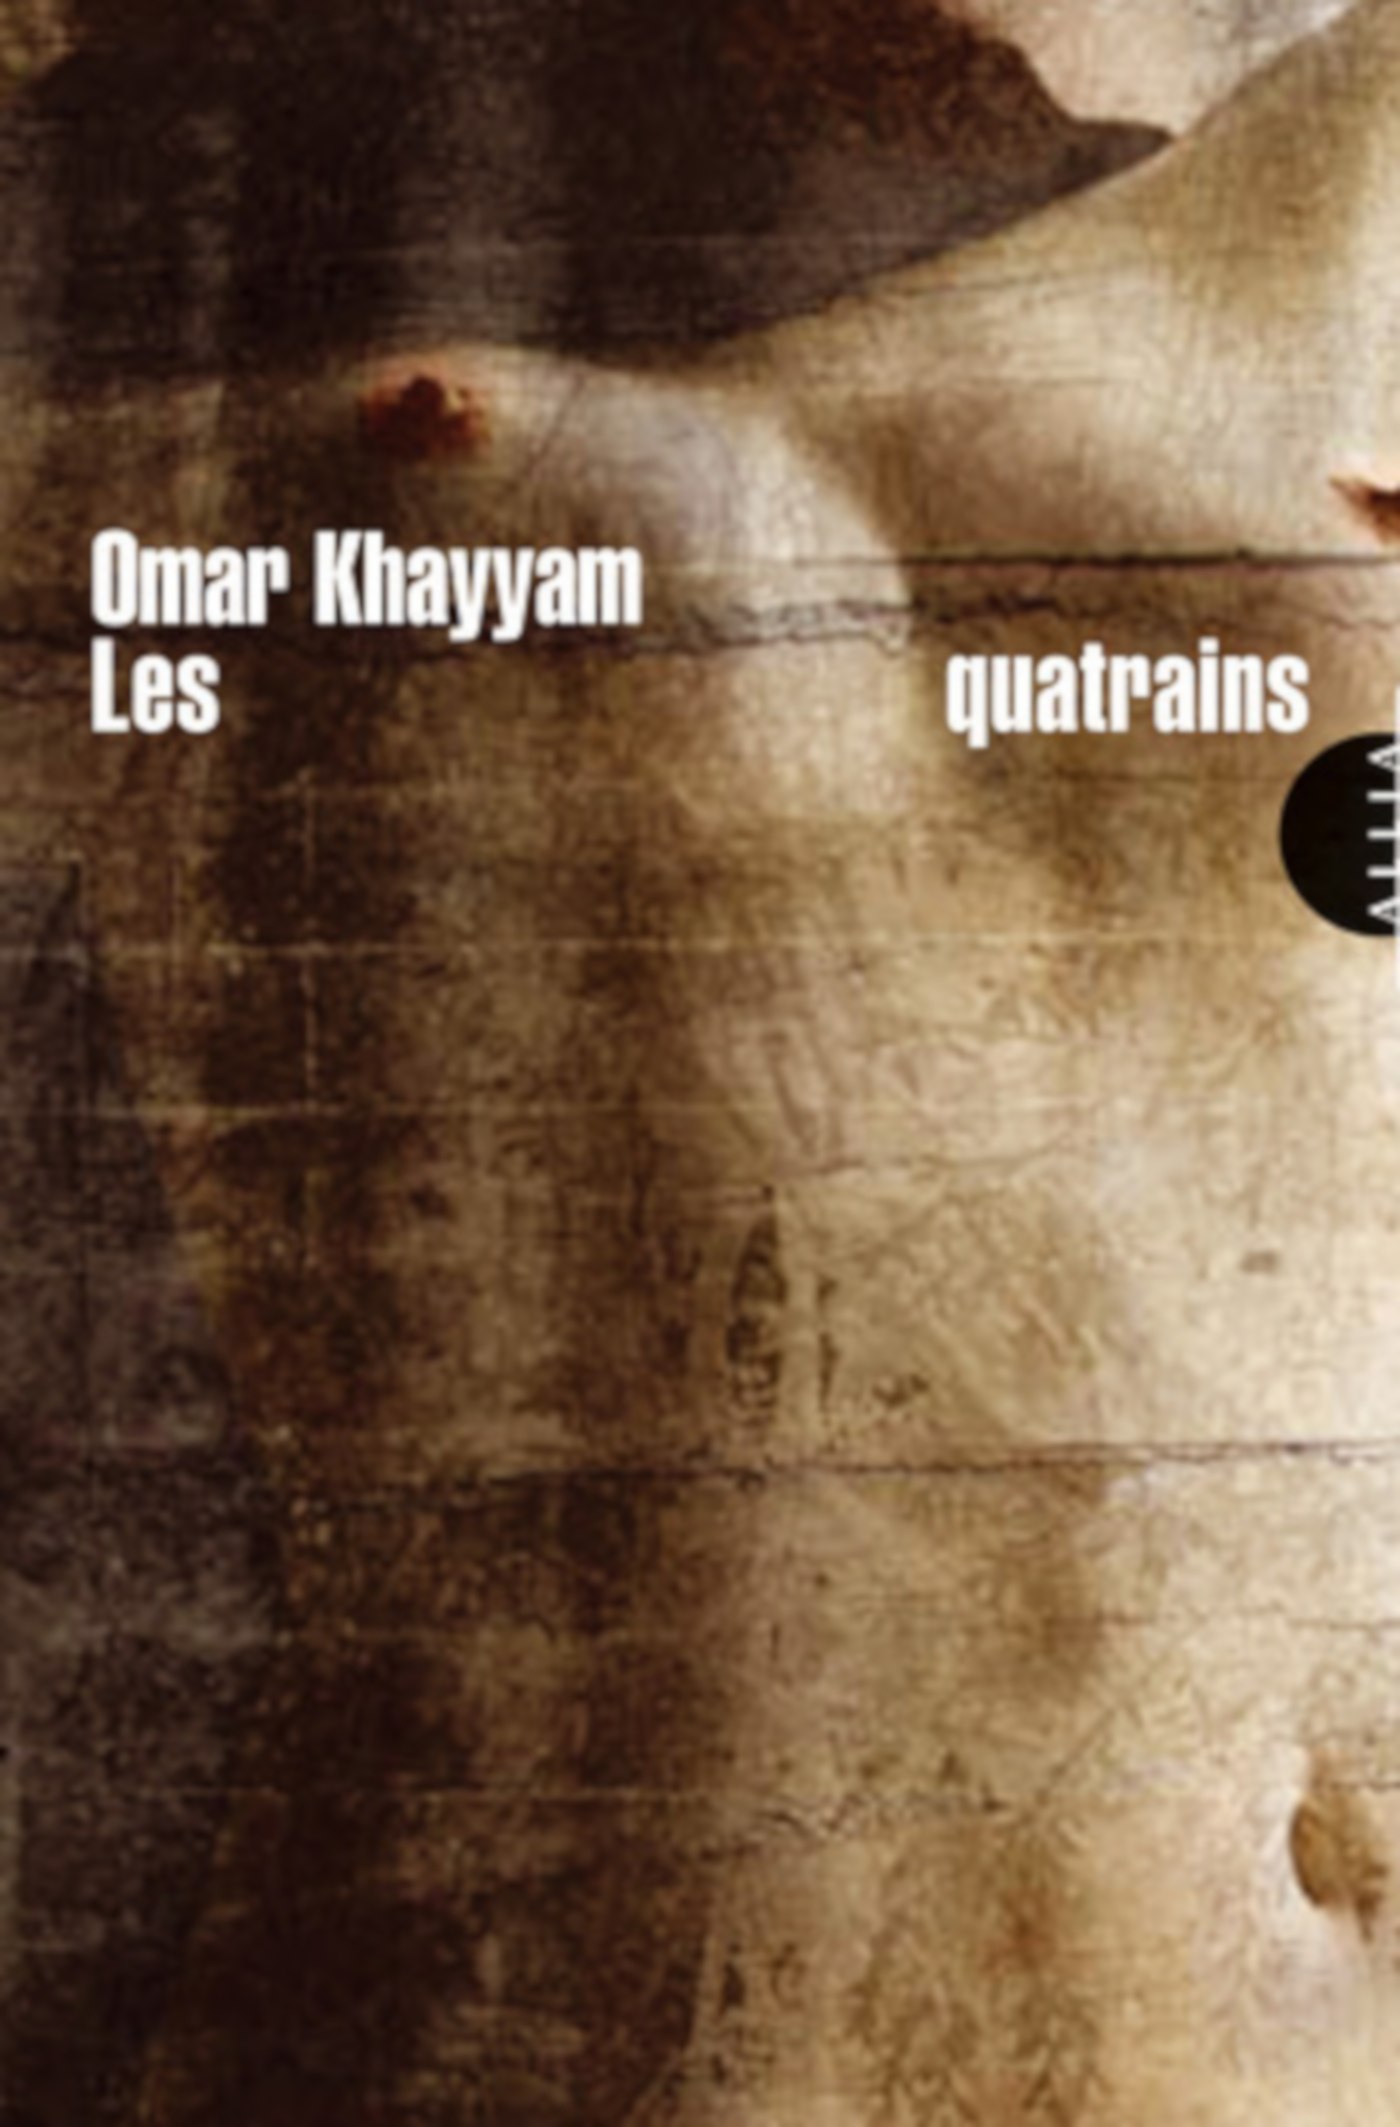 Les Quatrains